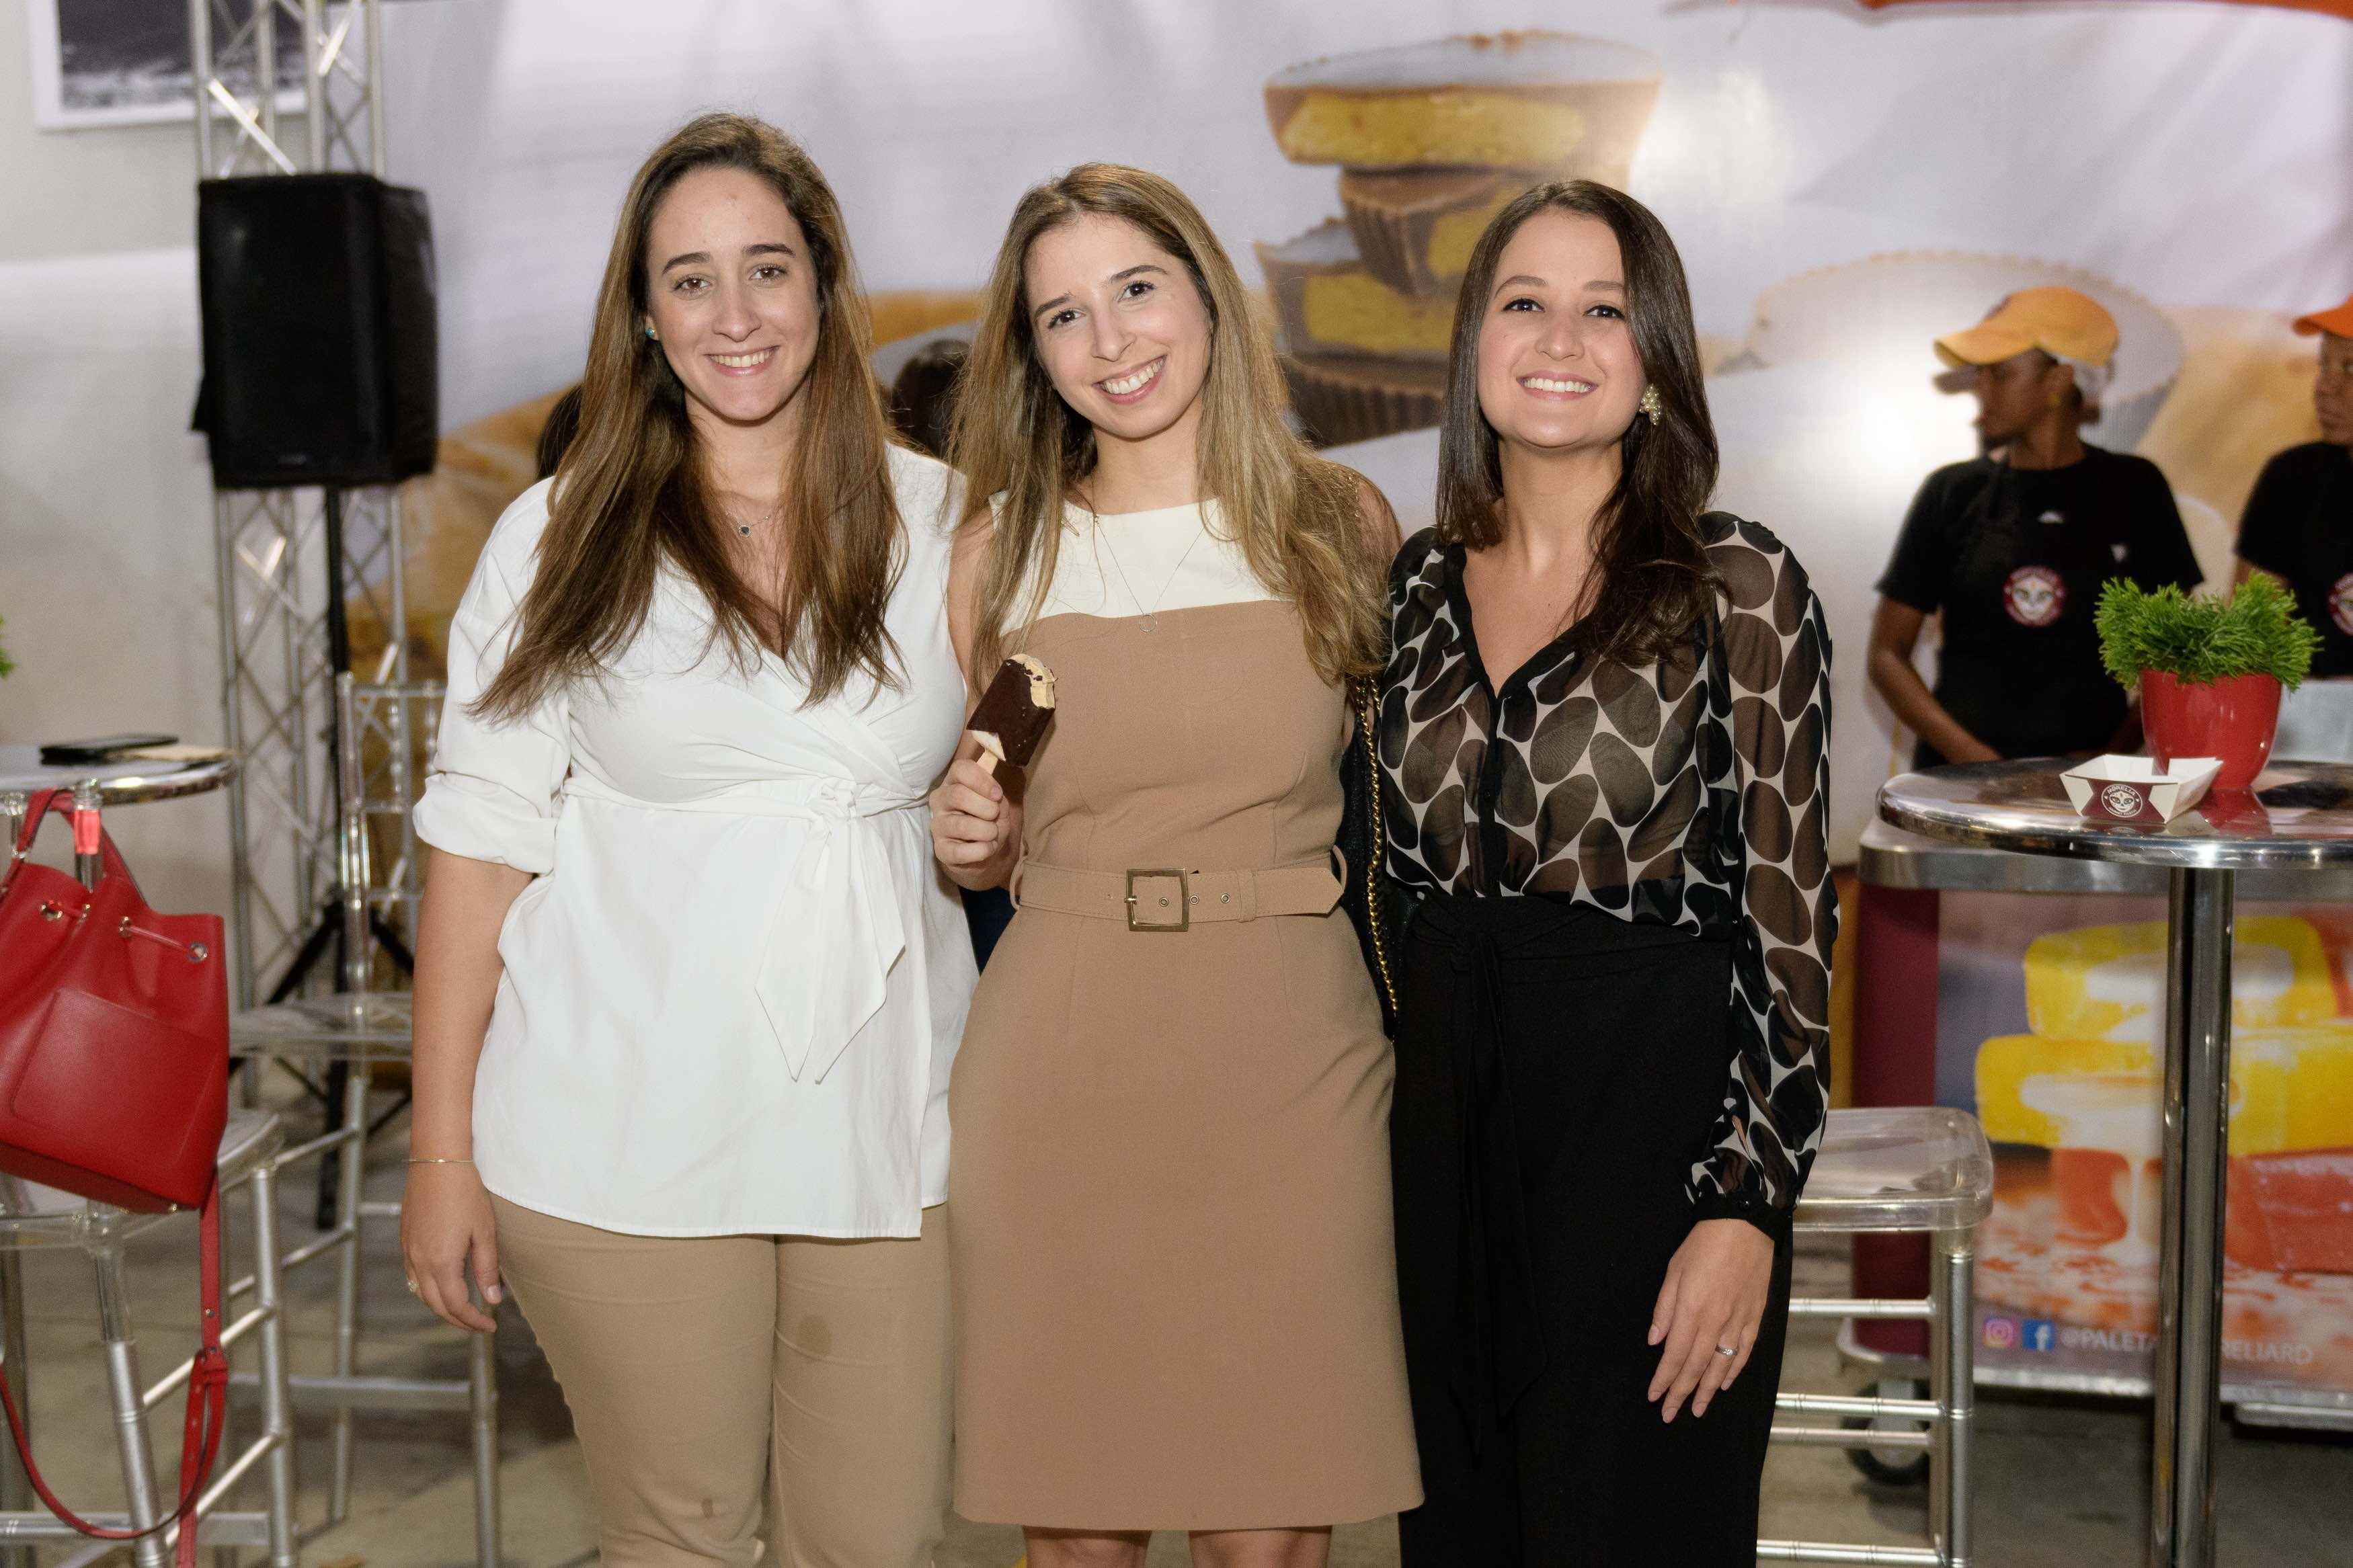 7. Letizia Camarena, Adriana Fernandez & Ana Esther Domínguez